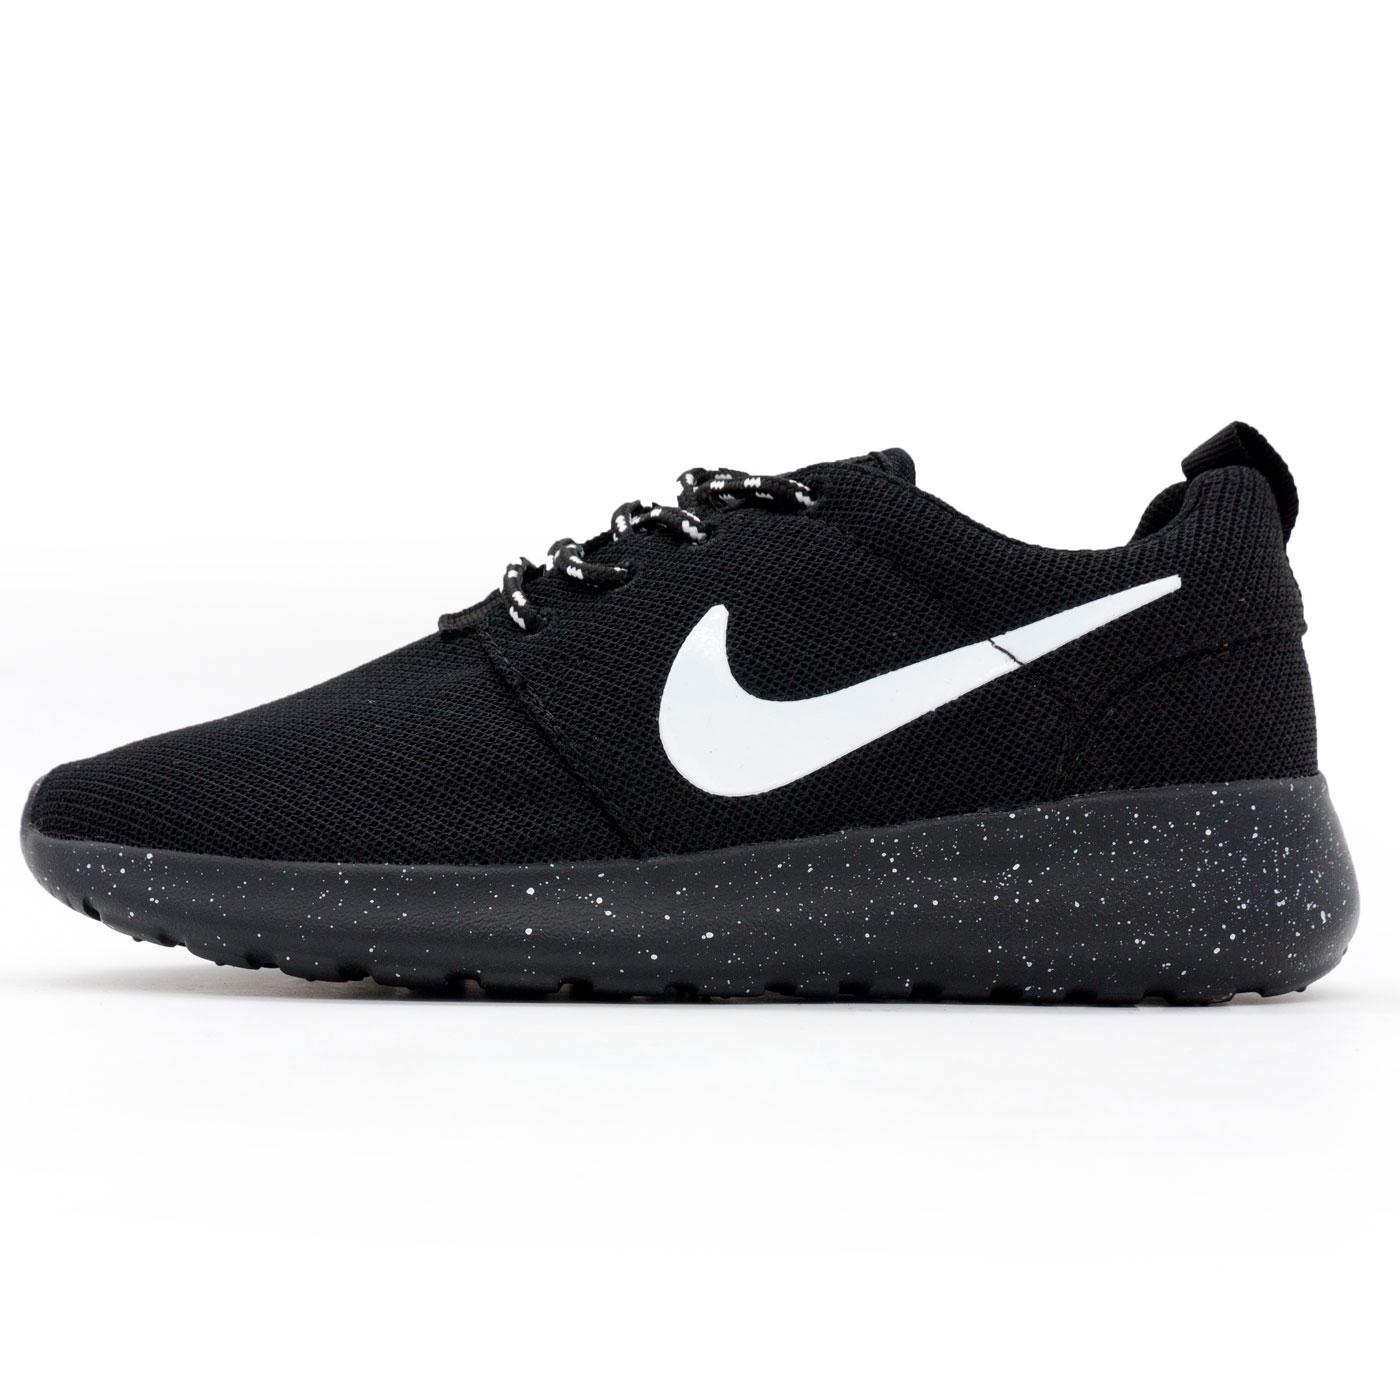 фото main Nike Roshe Run полностью черные в крапинку. Топ качество!!! main